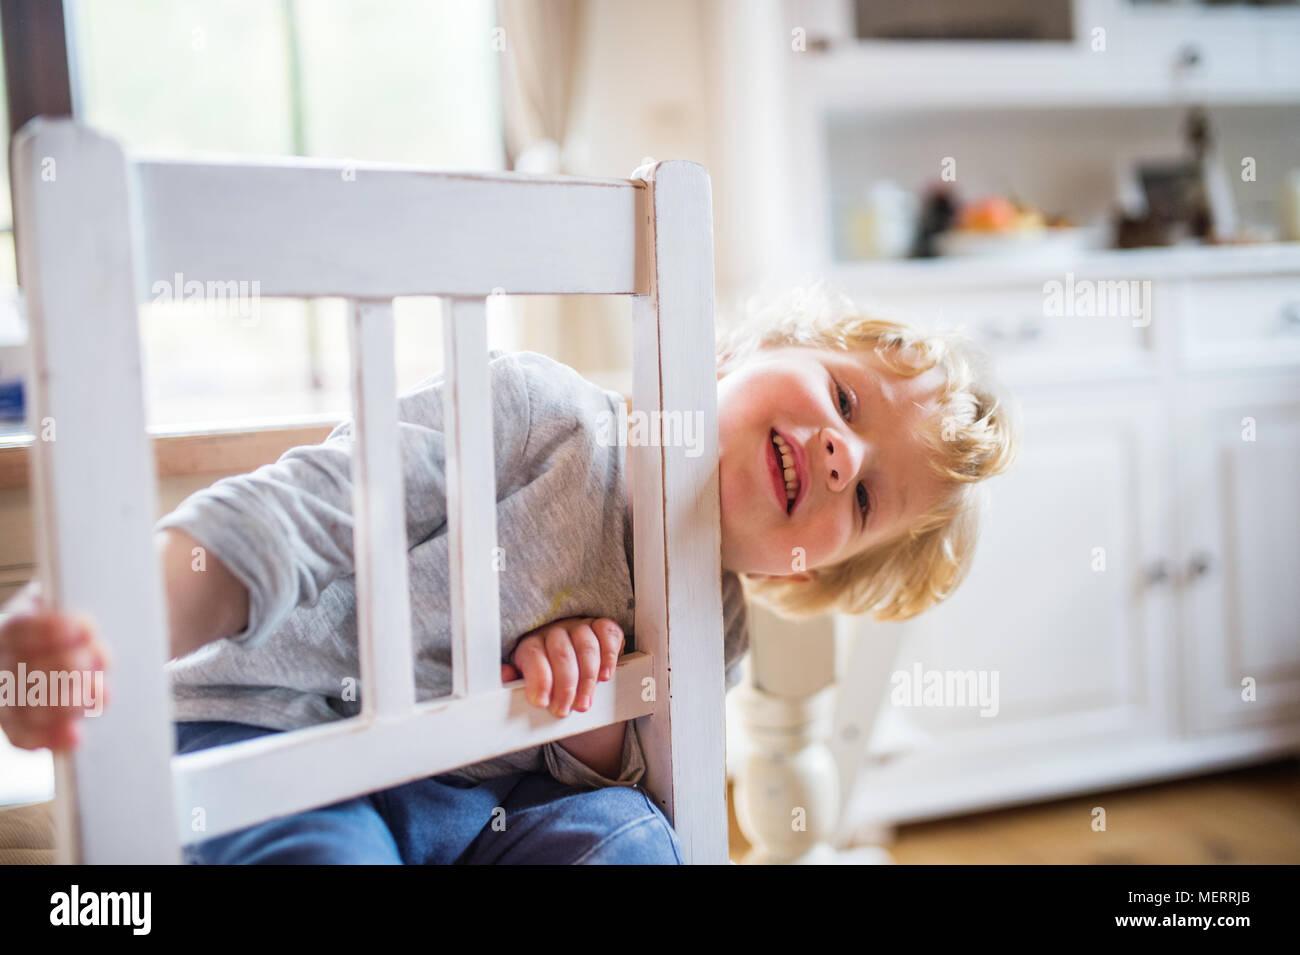 Un bimbo piccolo ragazzo seduto sulla sedia a casa. Immagini Stock